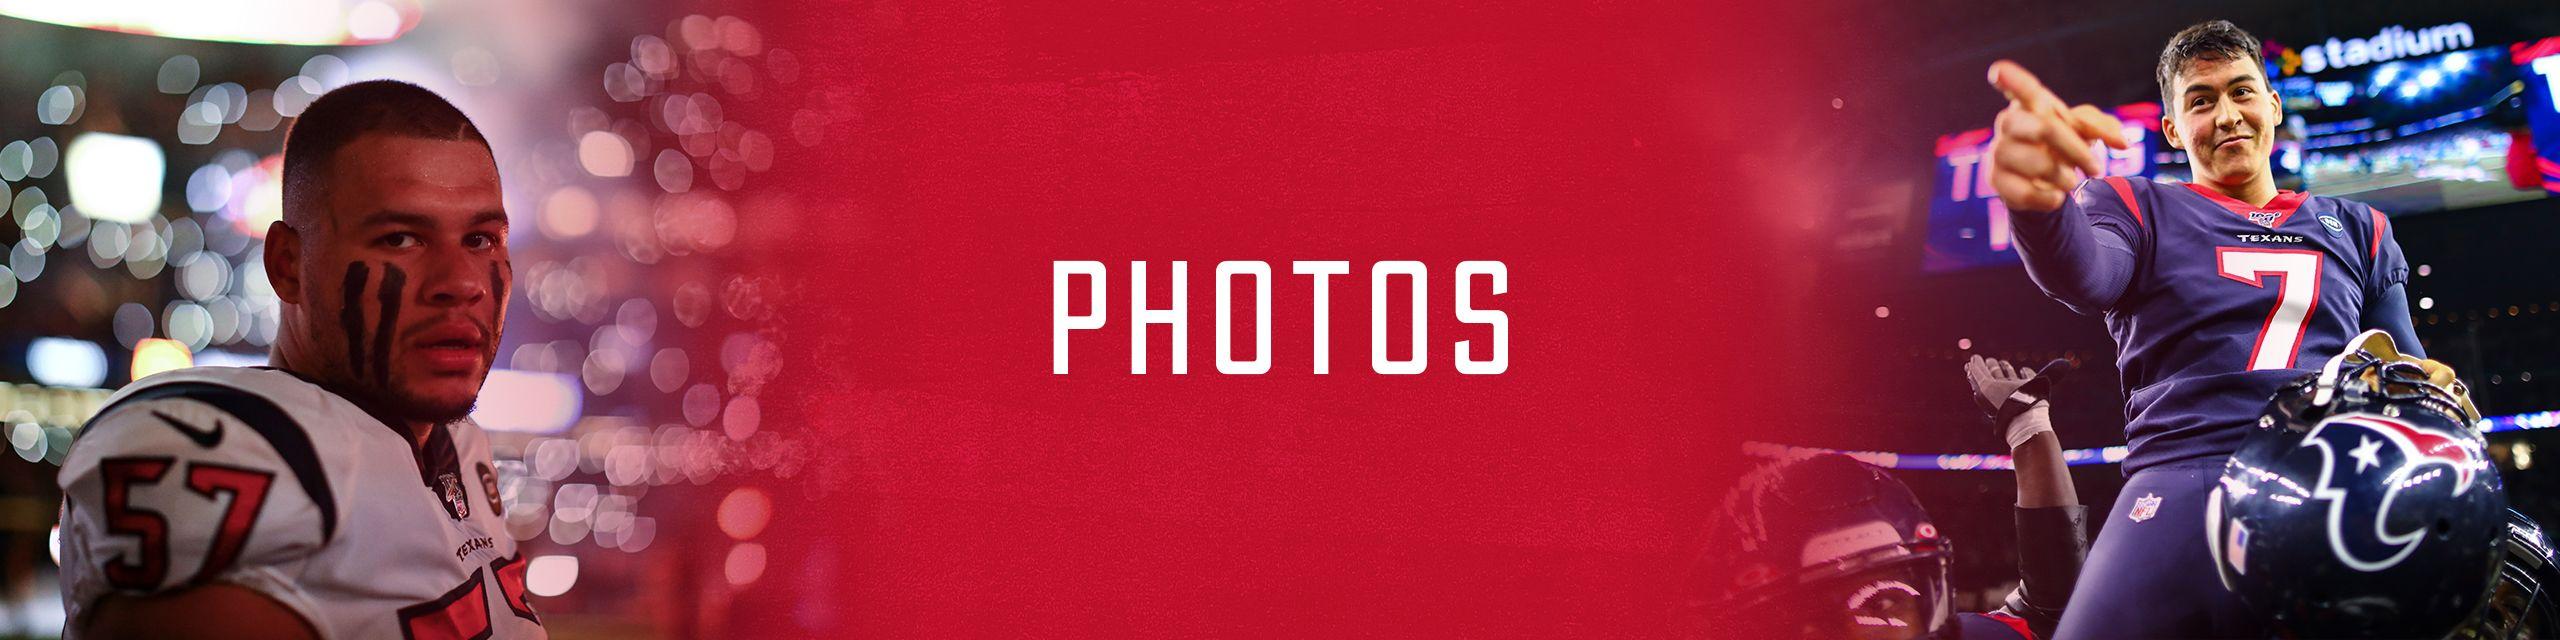 Text: Photos